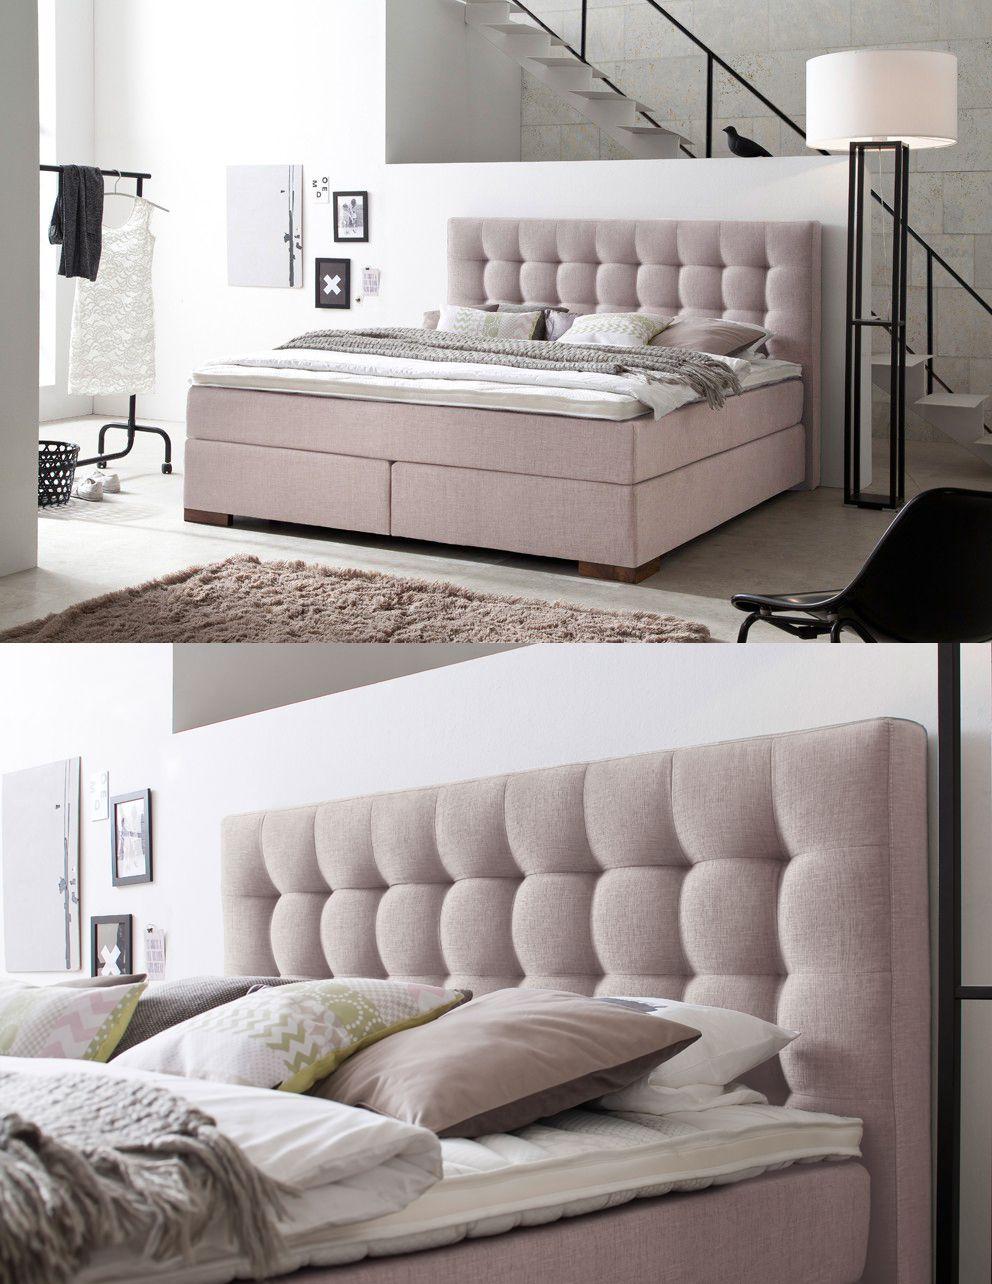 Romantisches schlafzimmer interieur boxspringbett areo  mit diesem boxspringbett in pastellrosé zieht